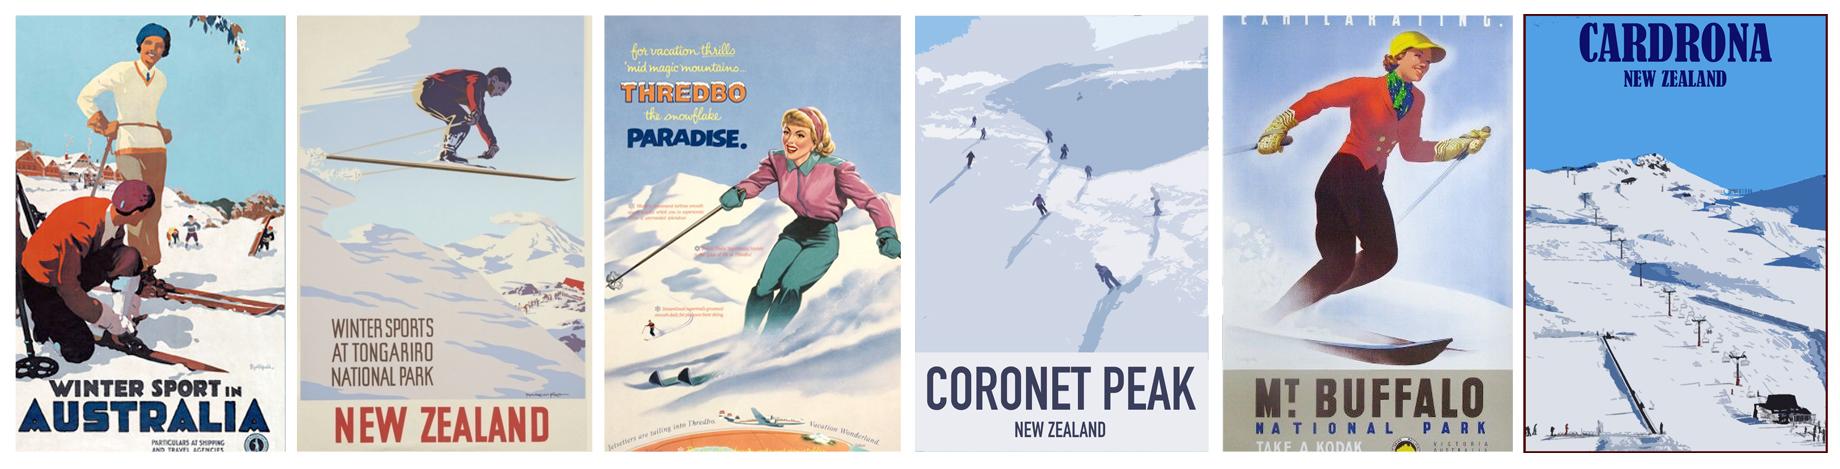 Australia New Zealand Ski Store